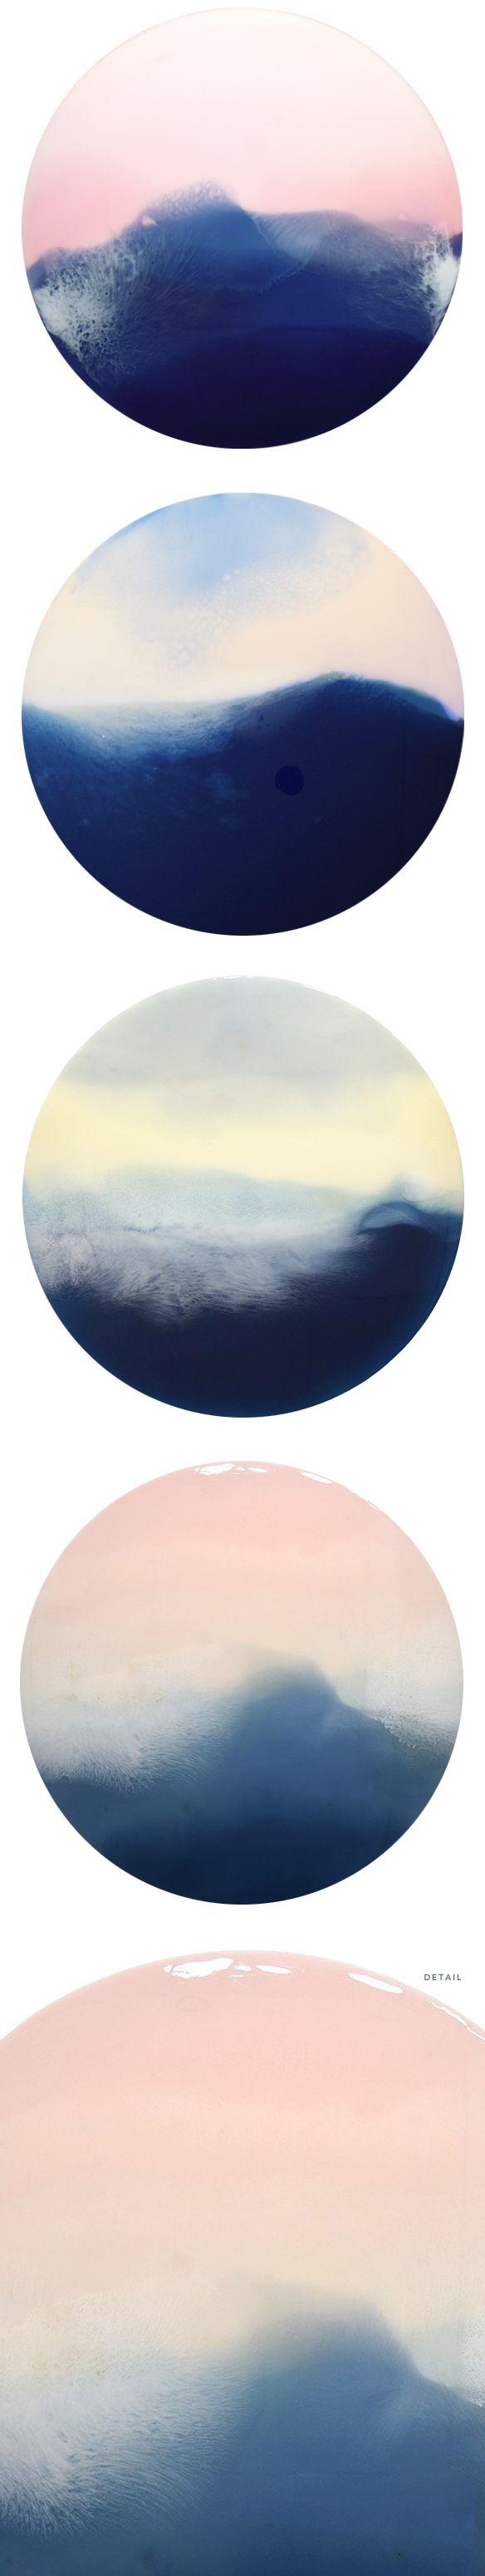 """resin on circular wood panels <3 """"horizons"""" by marina dunbar"""